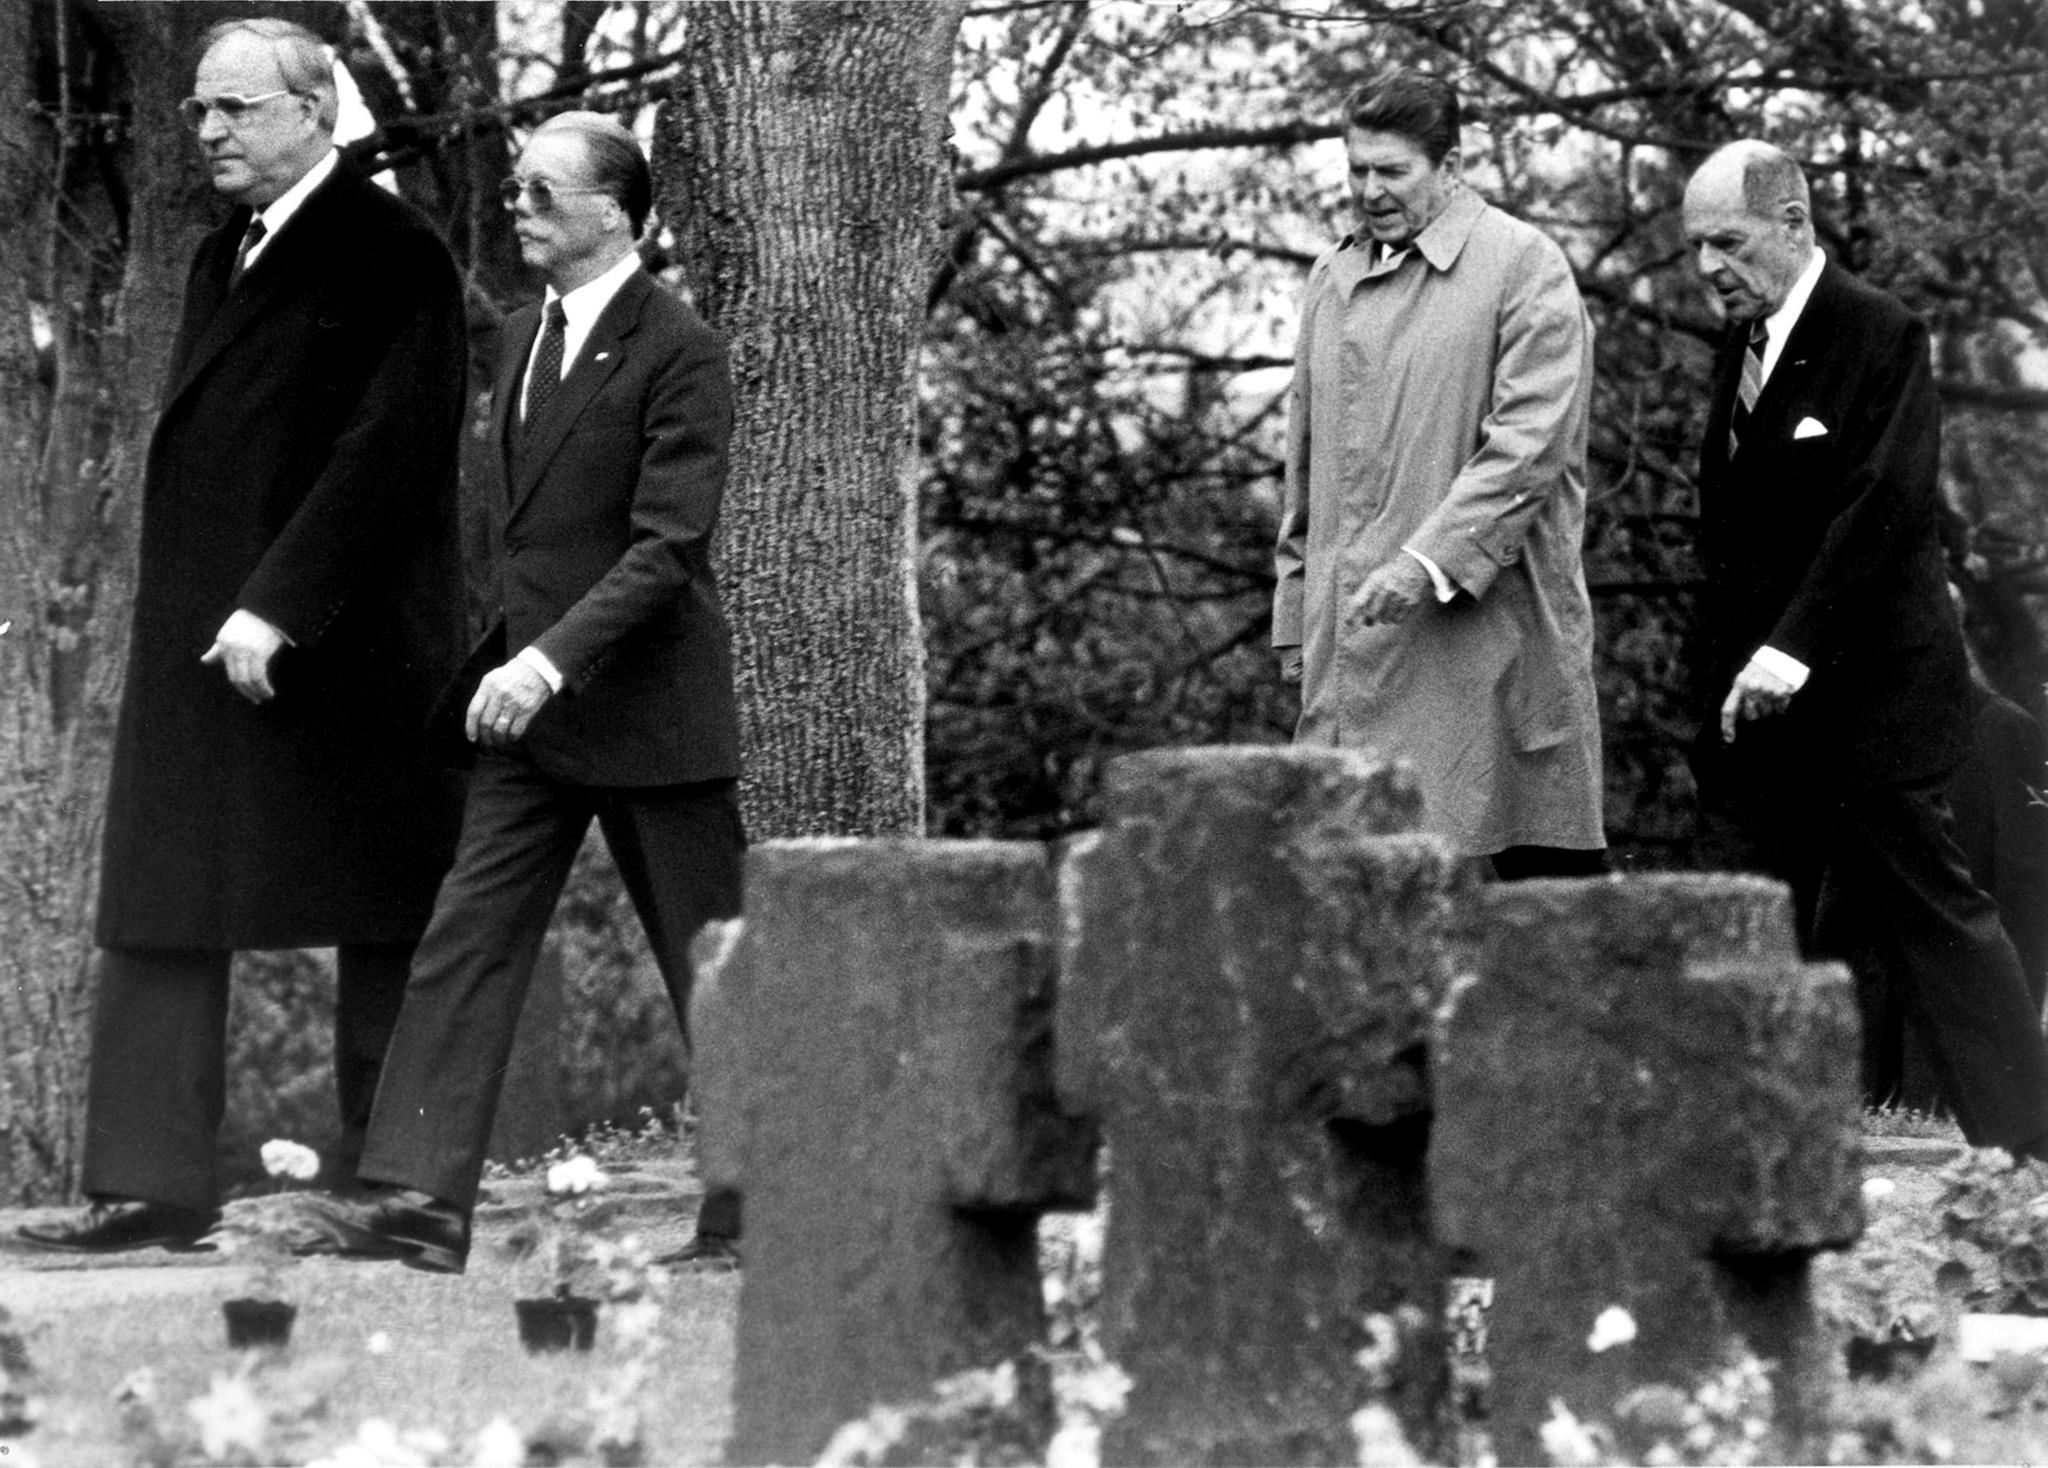 Helmut Kohl com o antigo general alemão da Força Aérea Johannes Steinhoff no cemitério alemão para militares, em Bitburg, 1985